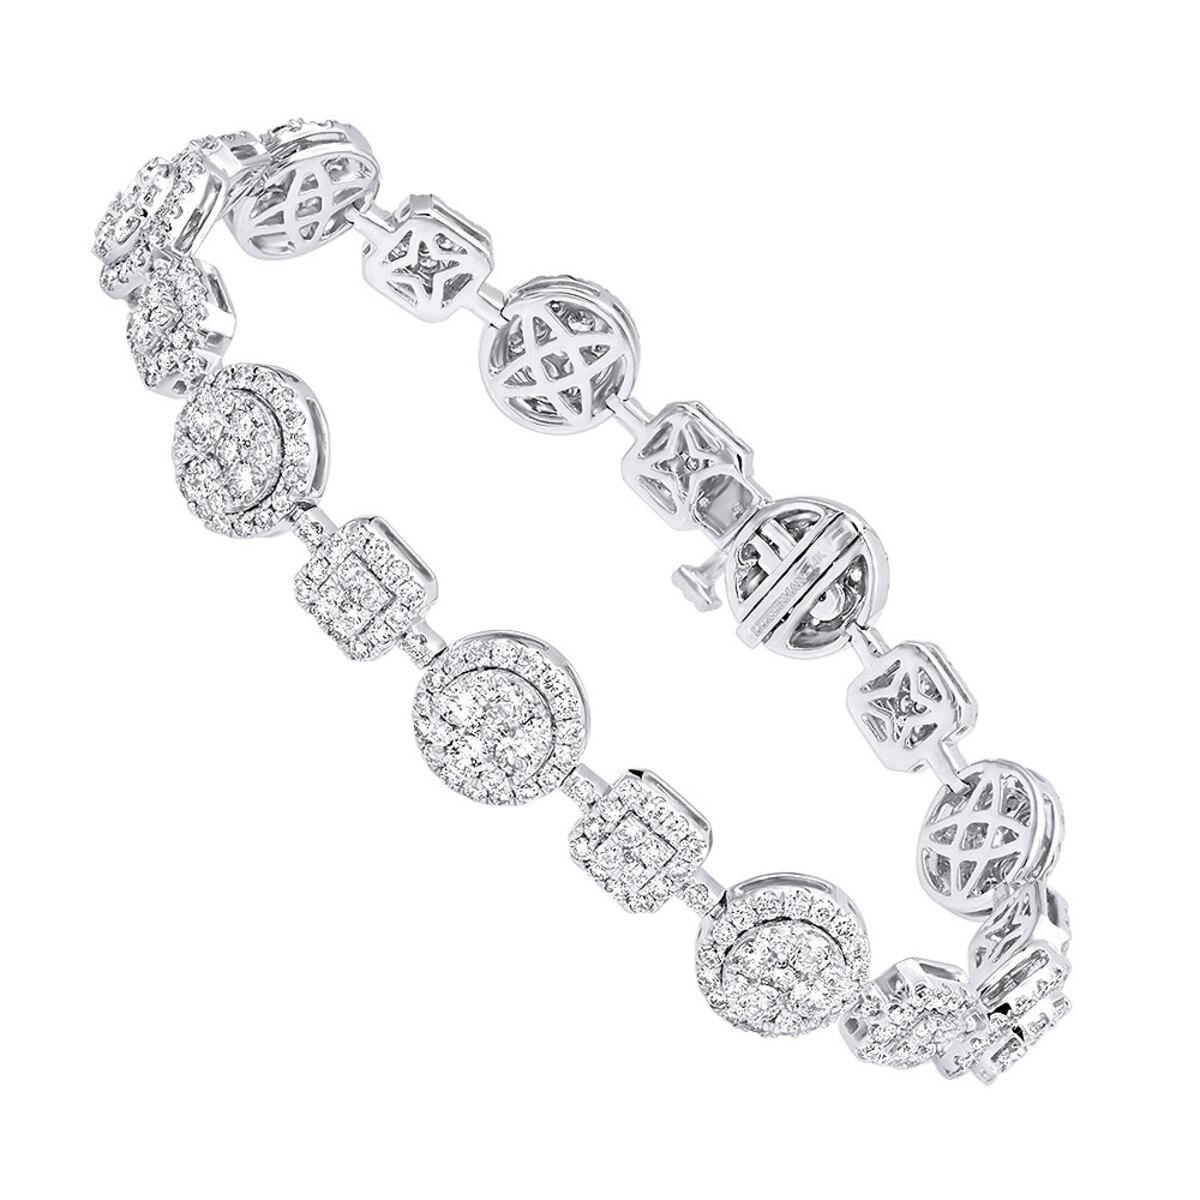 14k Gold Womens Diamond Bracelet 6 Carat Pave Diamonds by Luxurman